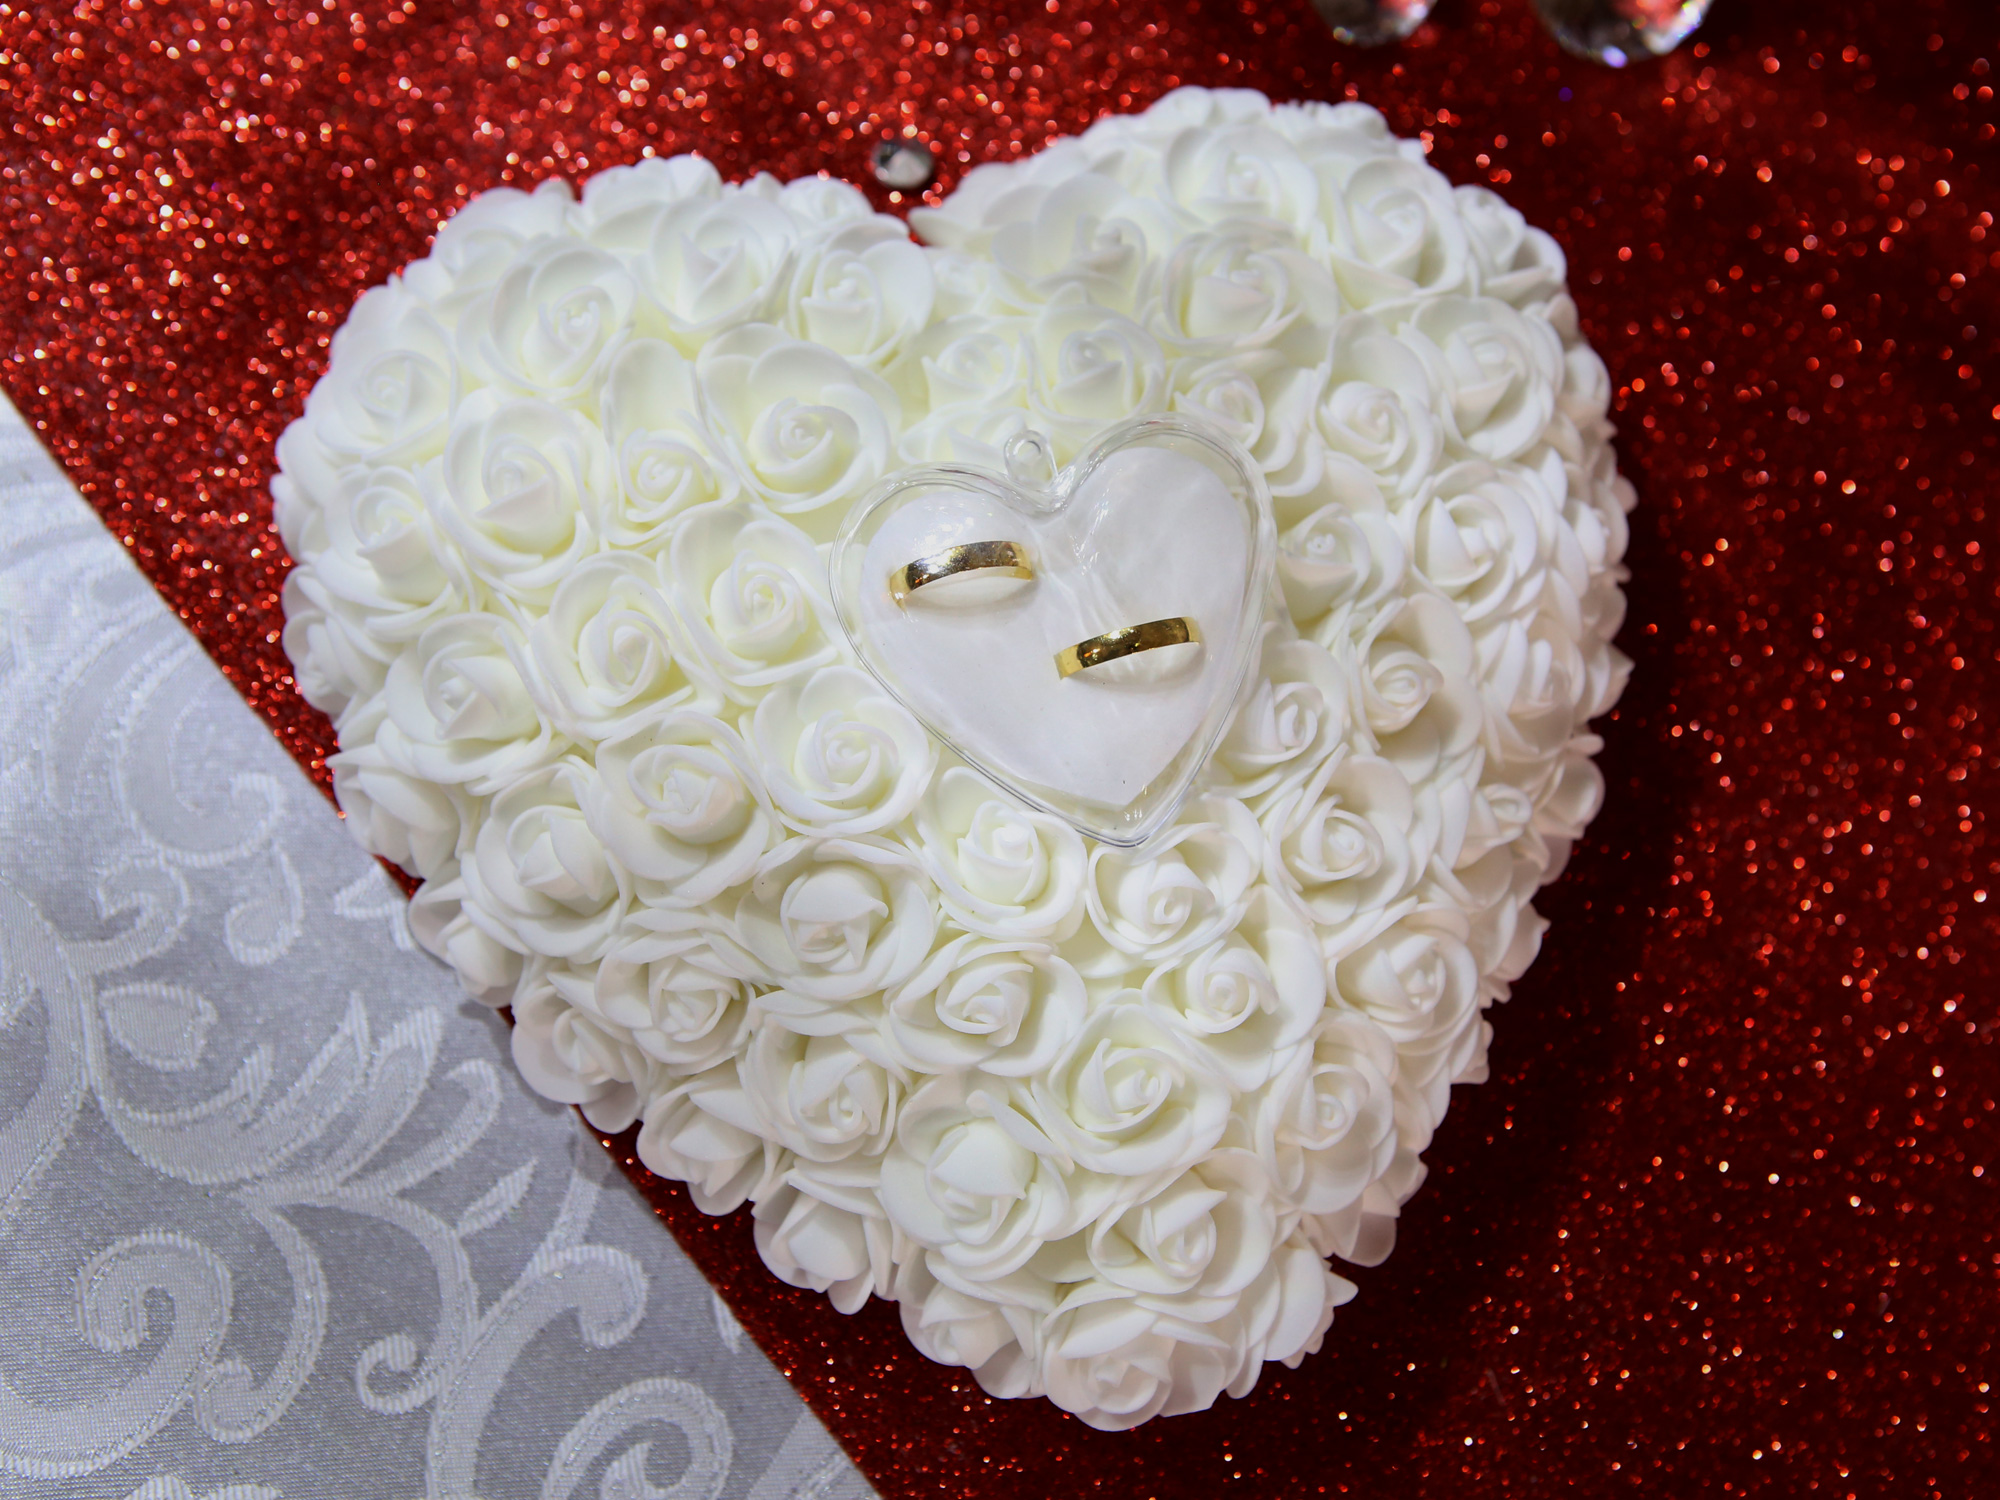 Coussin Porte Alliances Forme Cœur Plat Rigide Mariage MCA - Porte alliance mariage